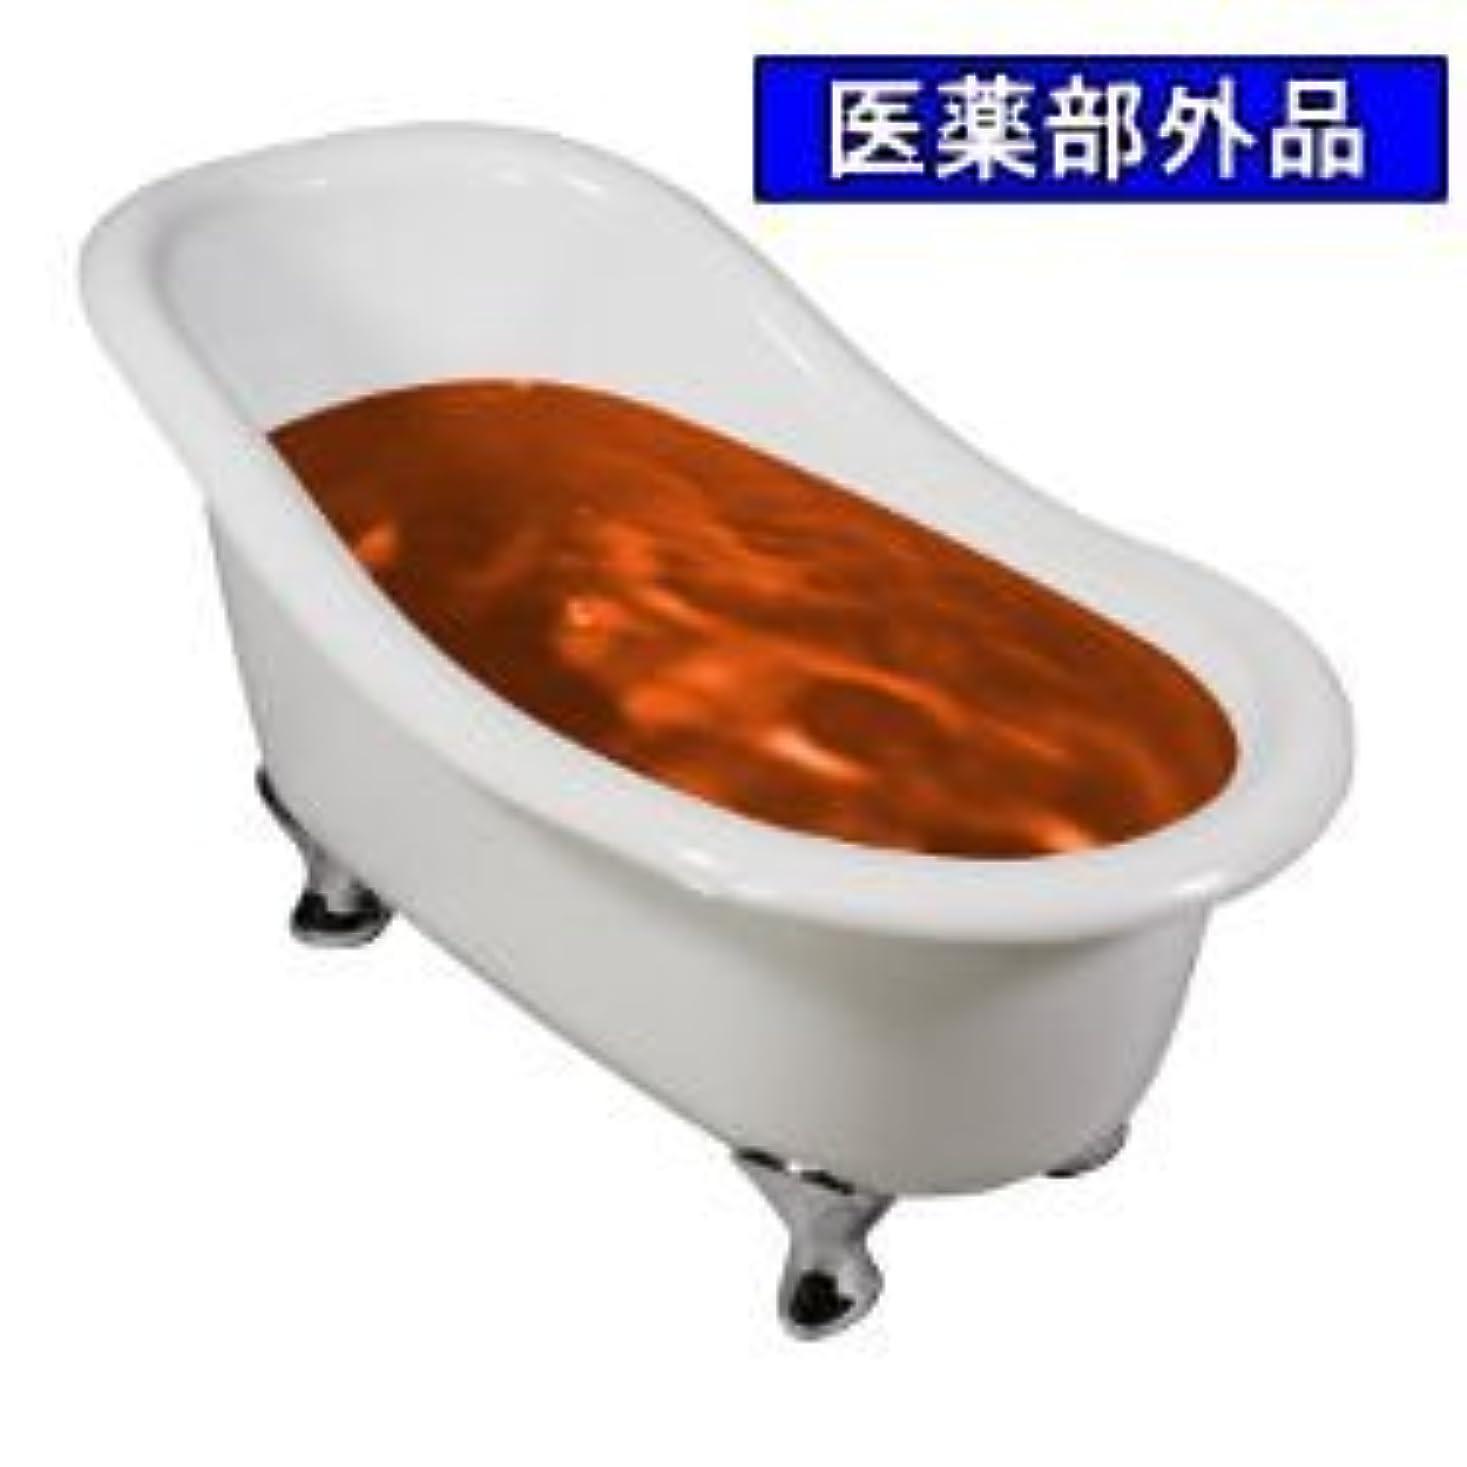 粗いインスタント汚れる業務用薬用入浴剤バスフレンド ふくじゅこう 17kg 医薬部外品